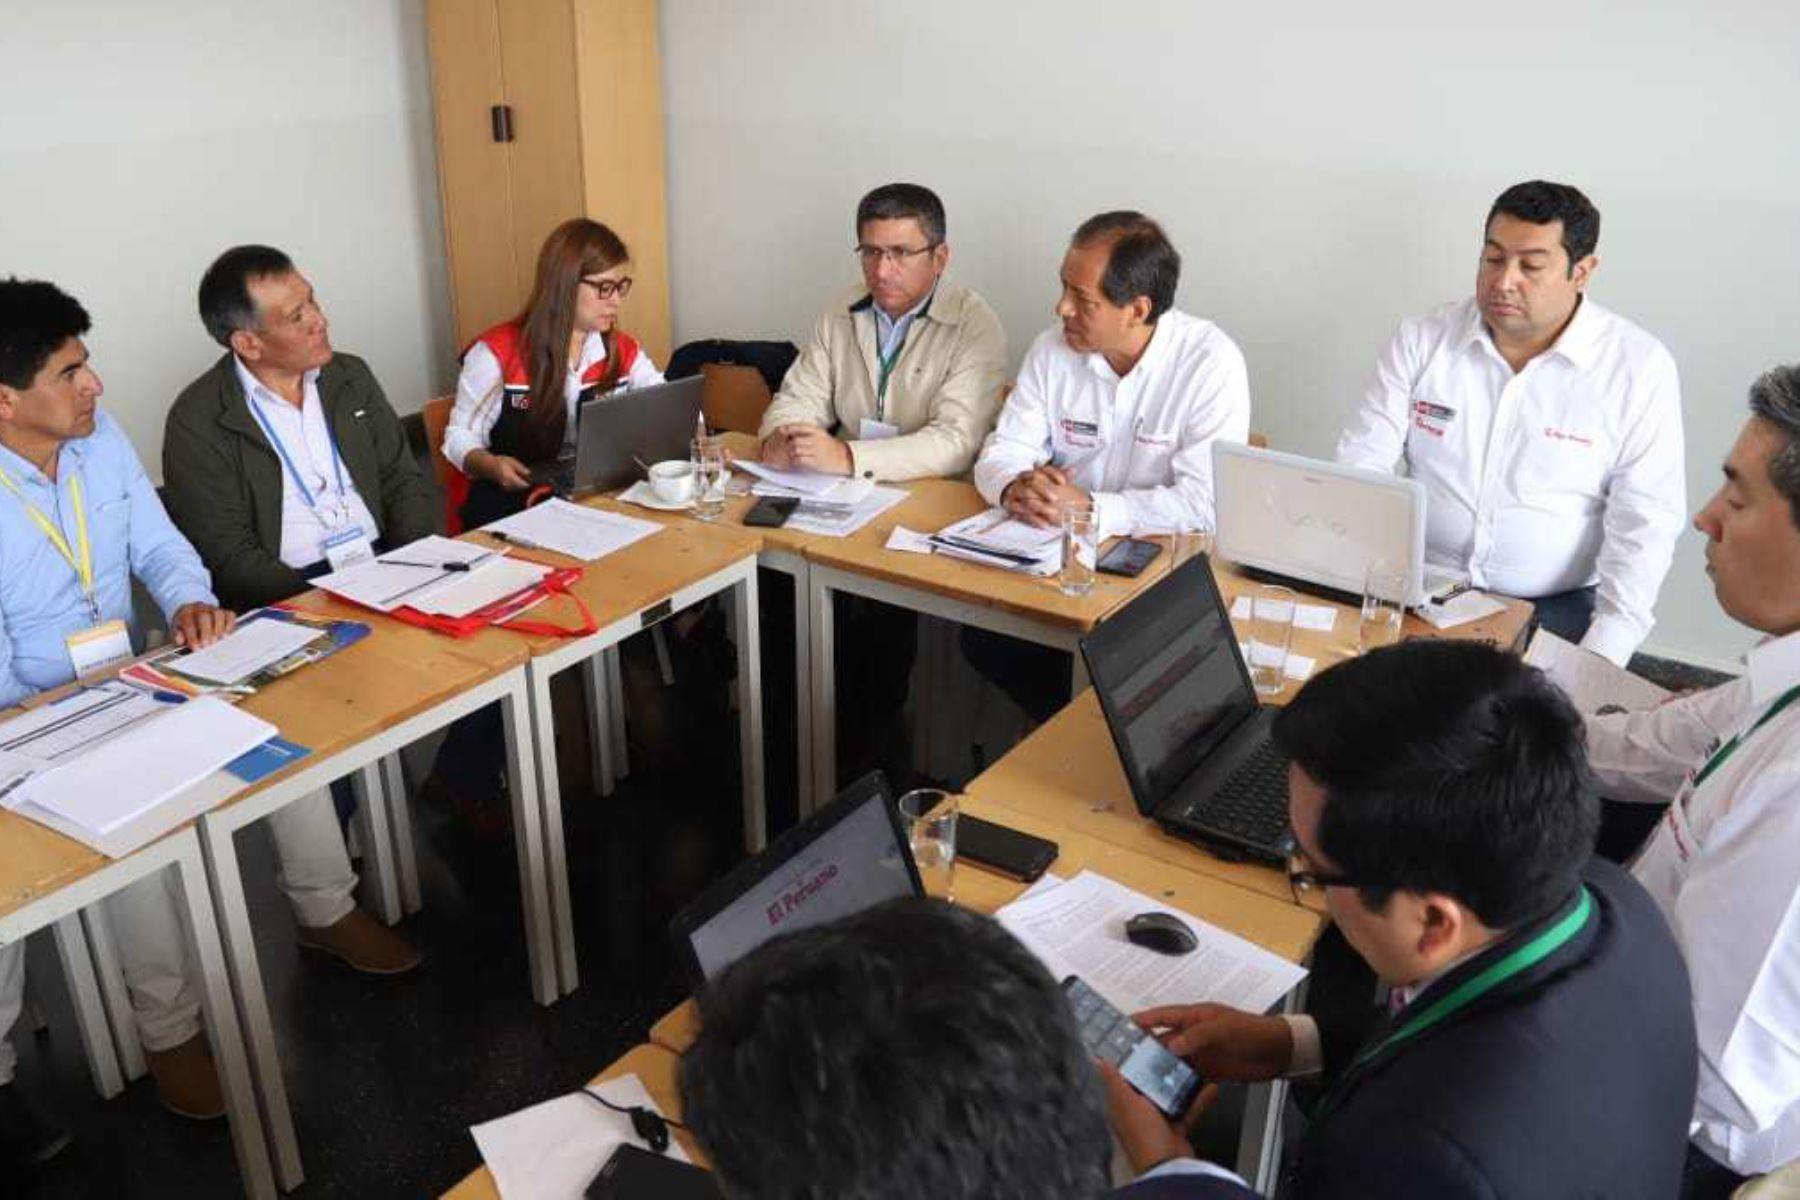 El director ejecutivo de la Autoridad para la Reconstrucción con Cambios (ARCC), Edgar Quispe Remón, anunció hoy que este año se financiarán más de 1,300 intervenciones en Cajamarca, lo que representa el 93% del total destinado para esta región.